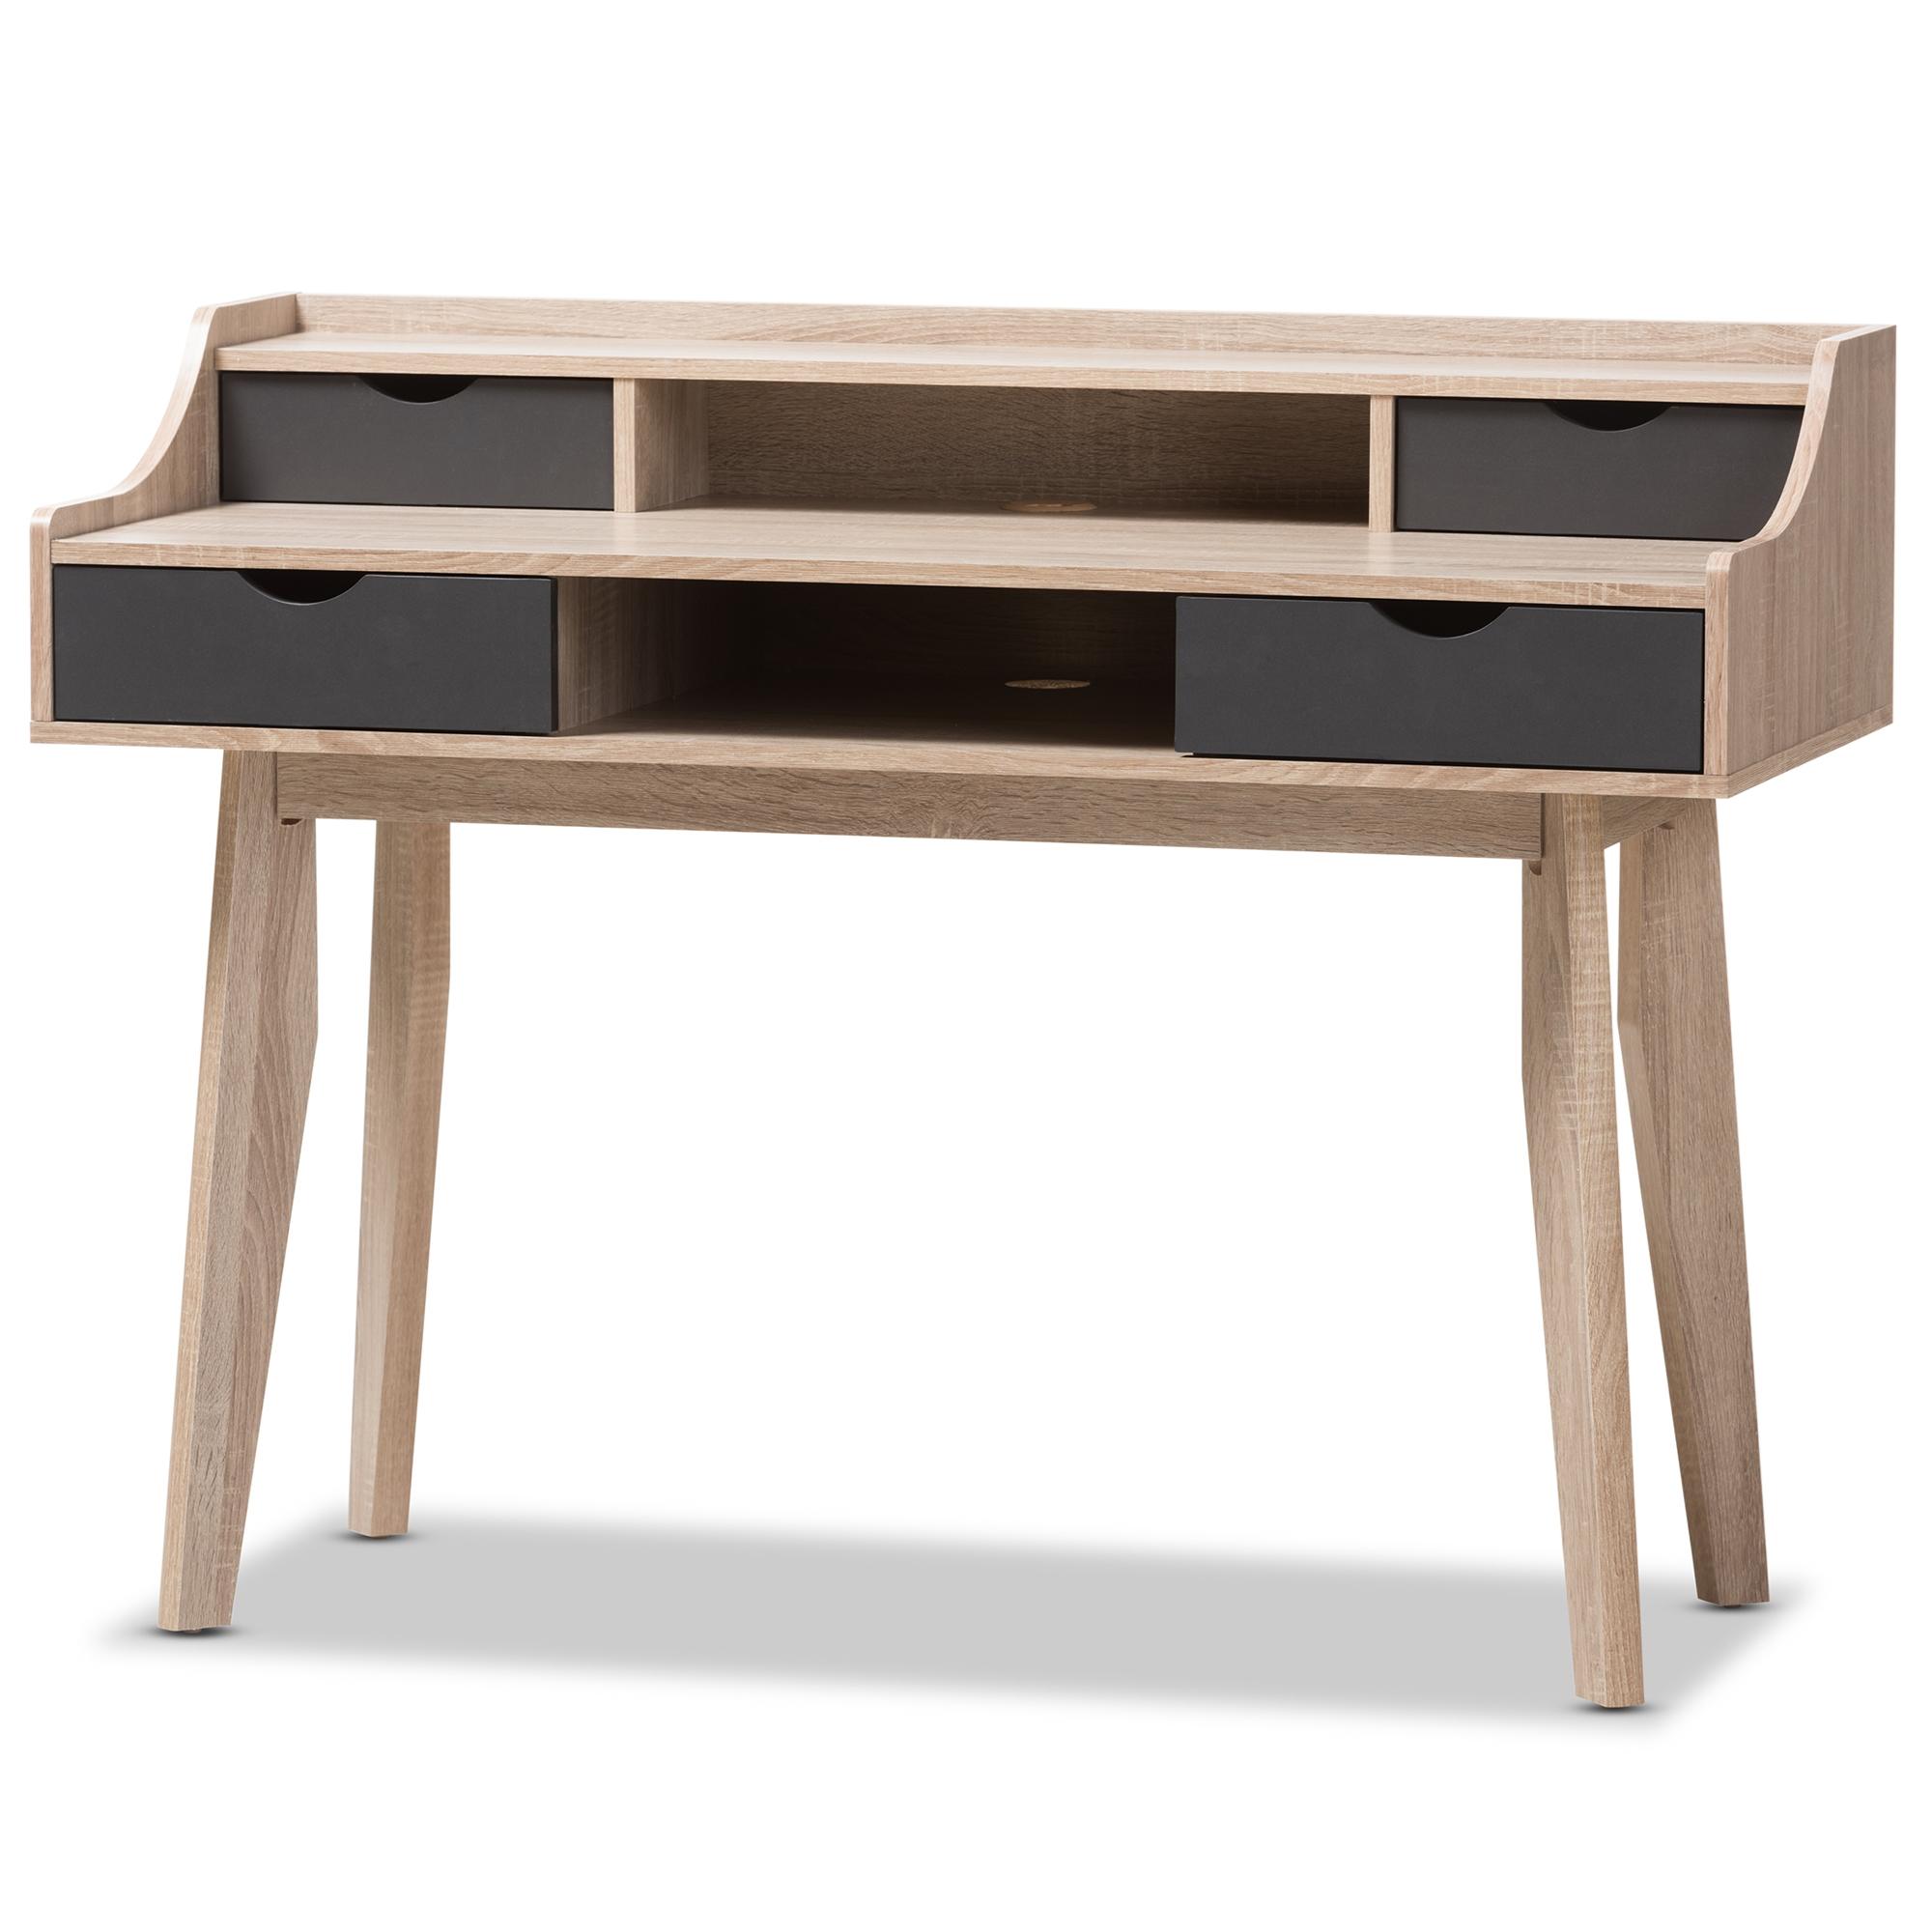 Baxton Studio Fella Mid Century Modern 4 Drawer Oak And Grey Wood Study Desk